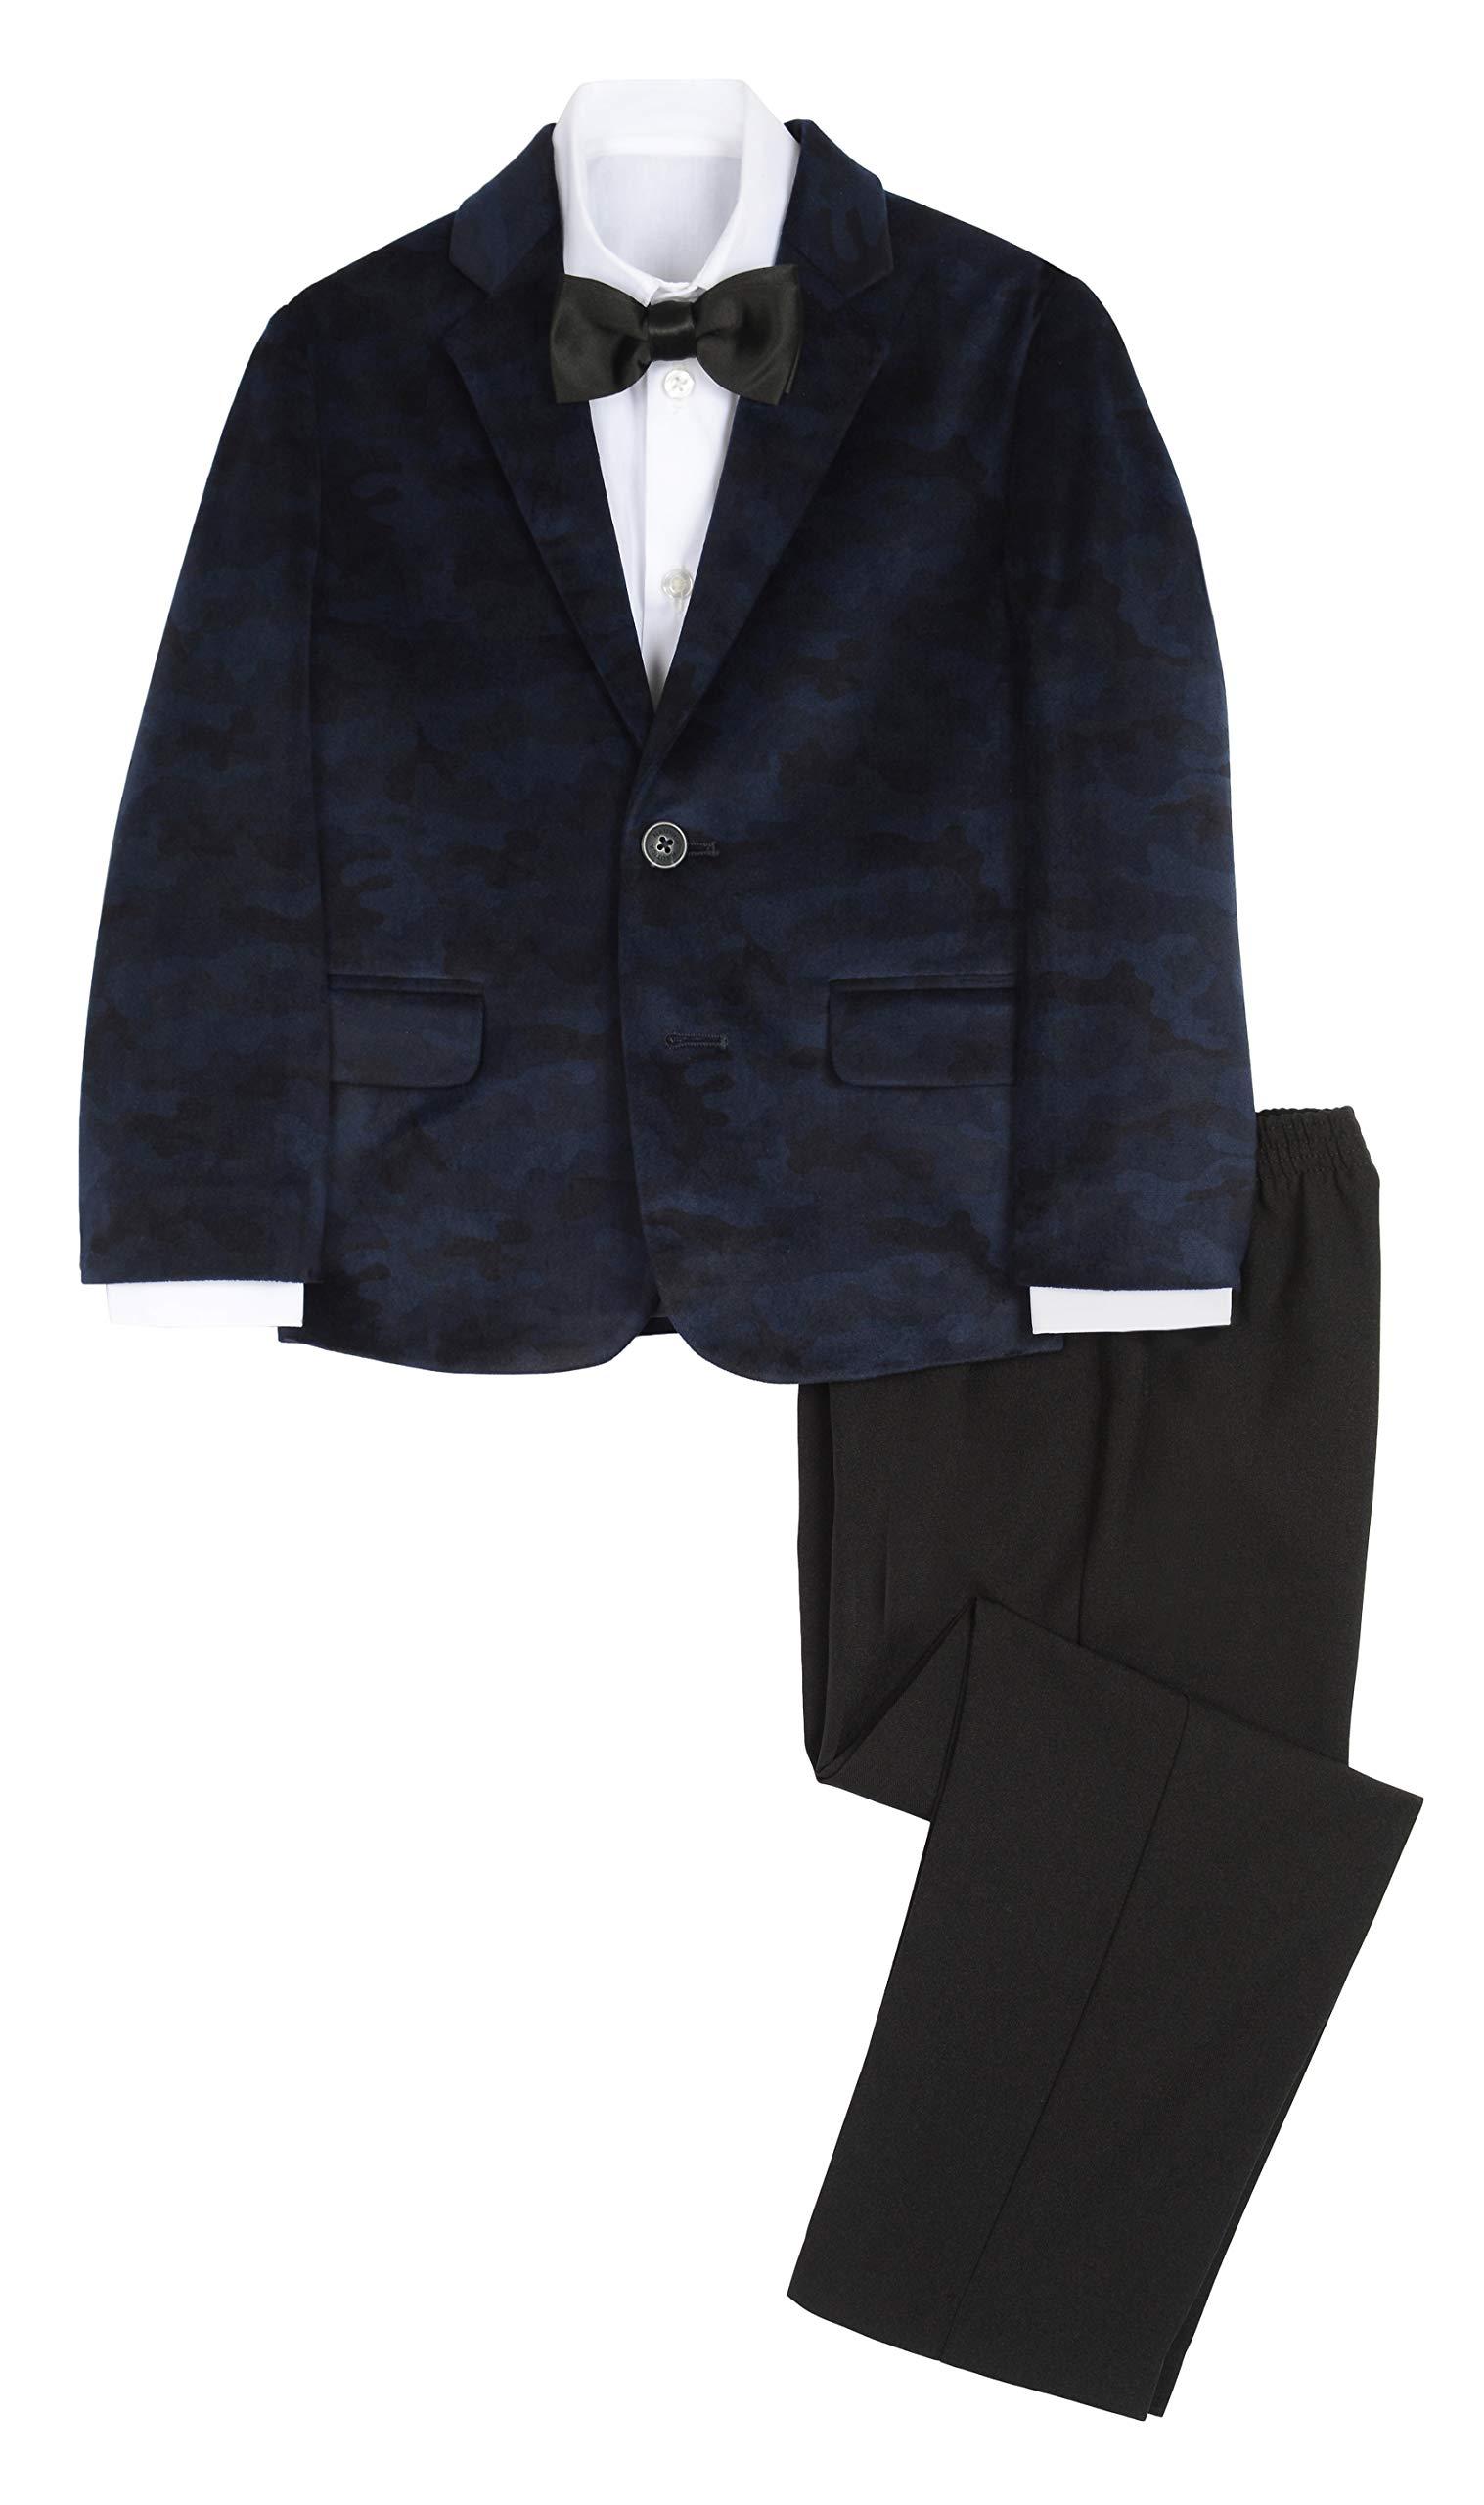 ノーティカボーイスーツのジャケット、ズボン、シャツのネクタイ